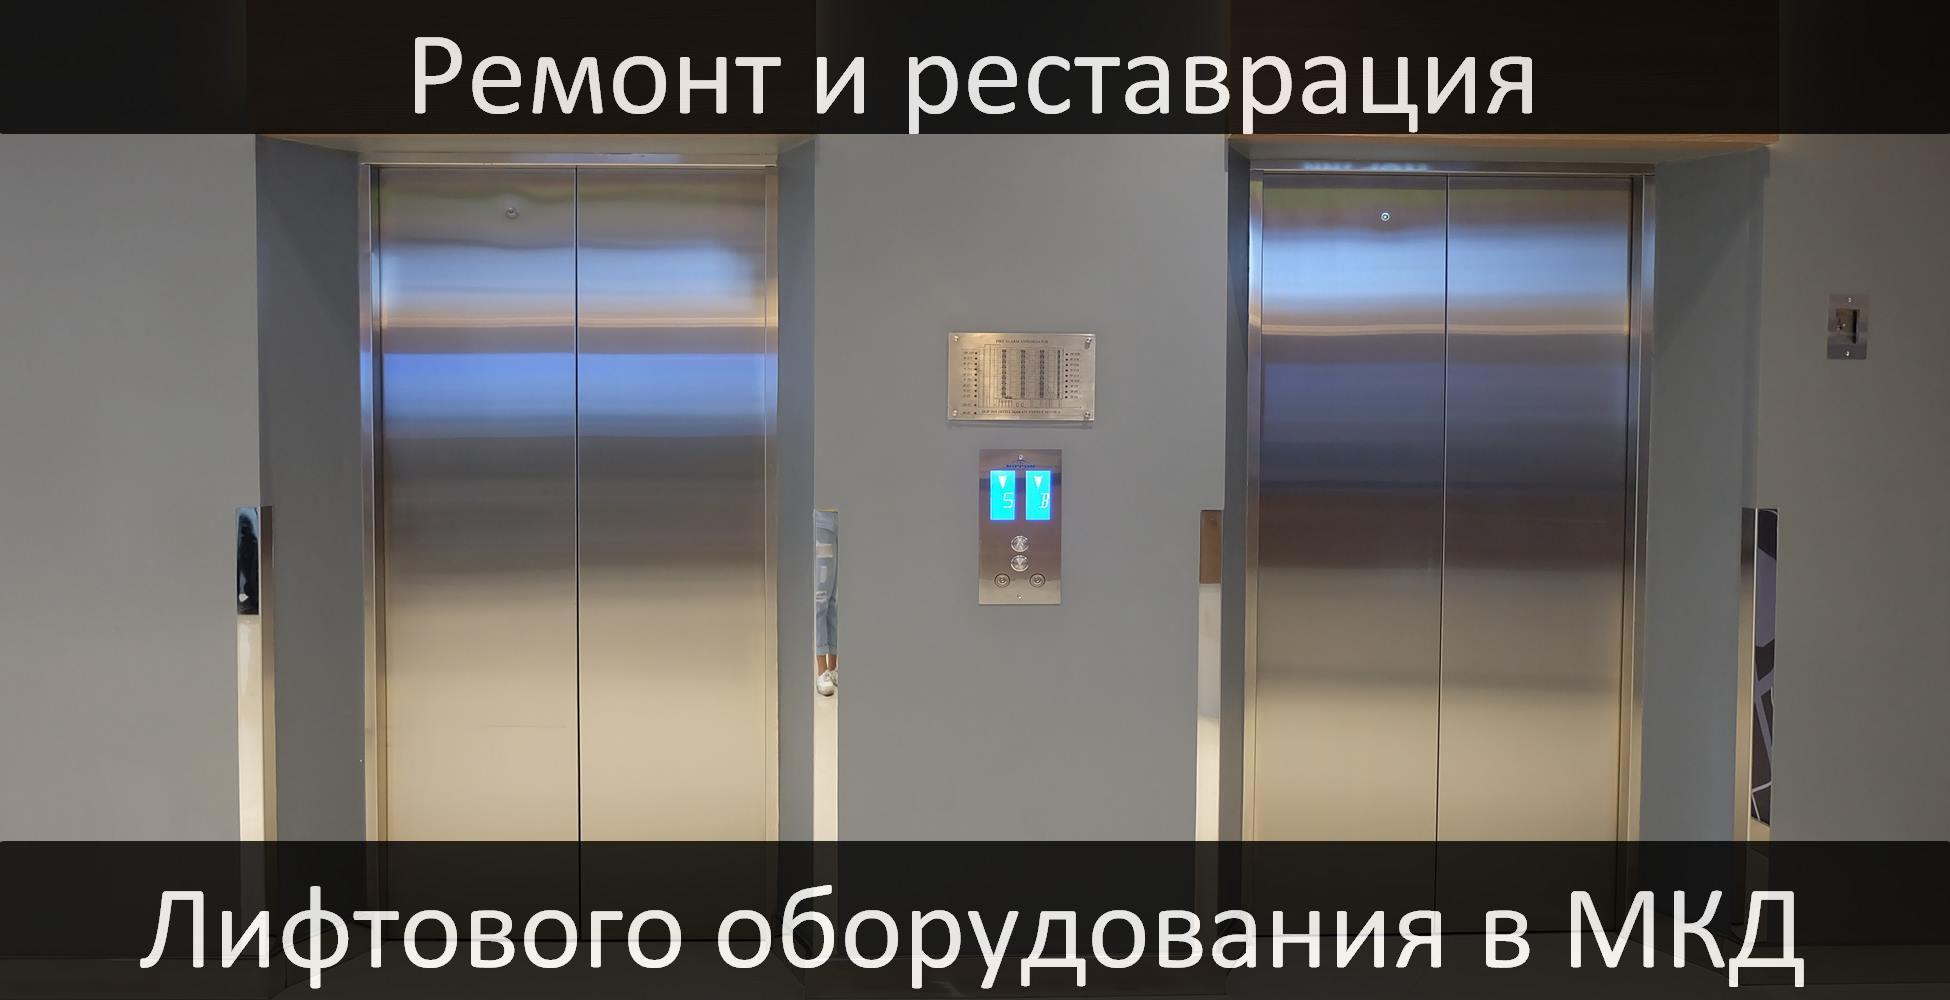 Ремонт и реставрация лифтового оборудования в МКД